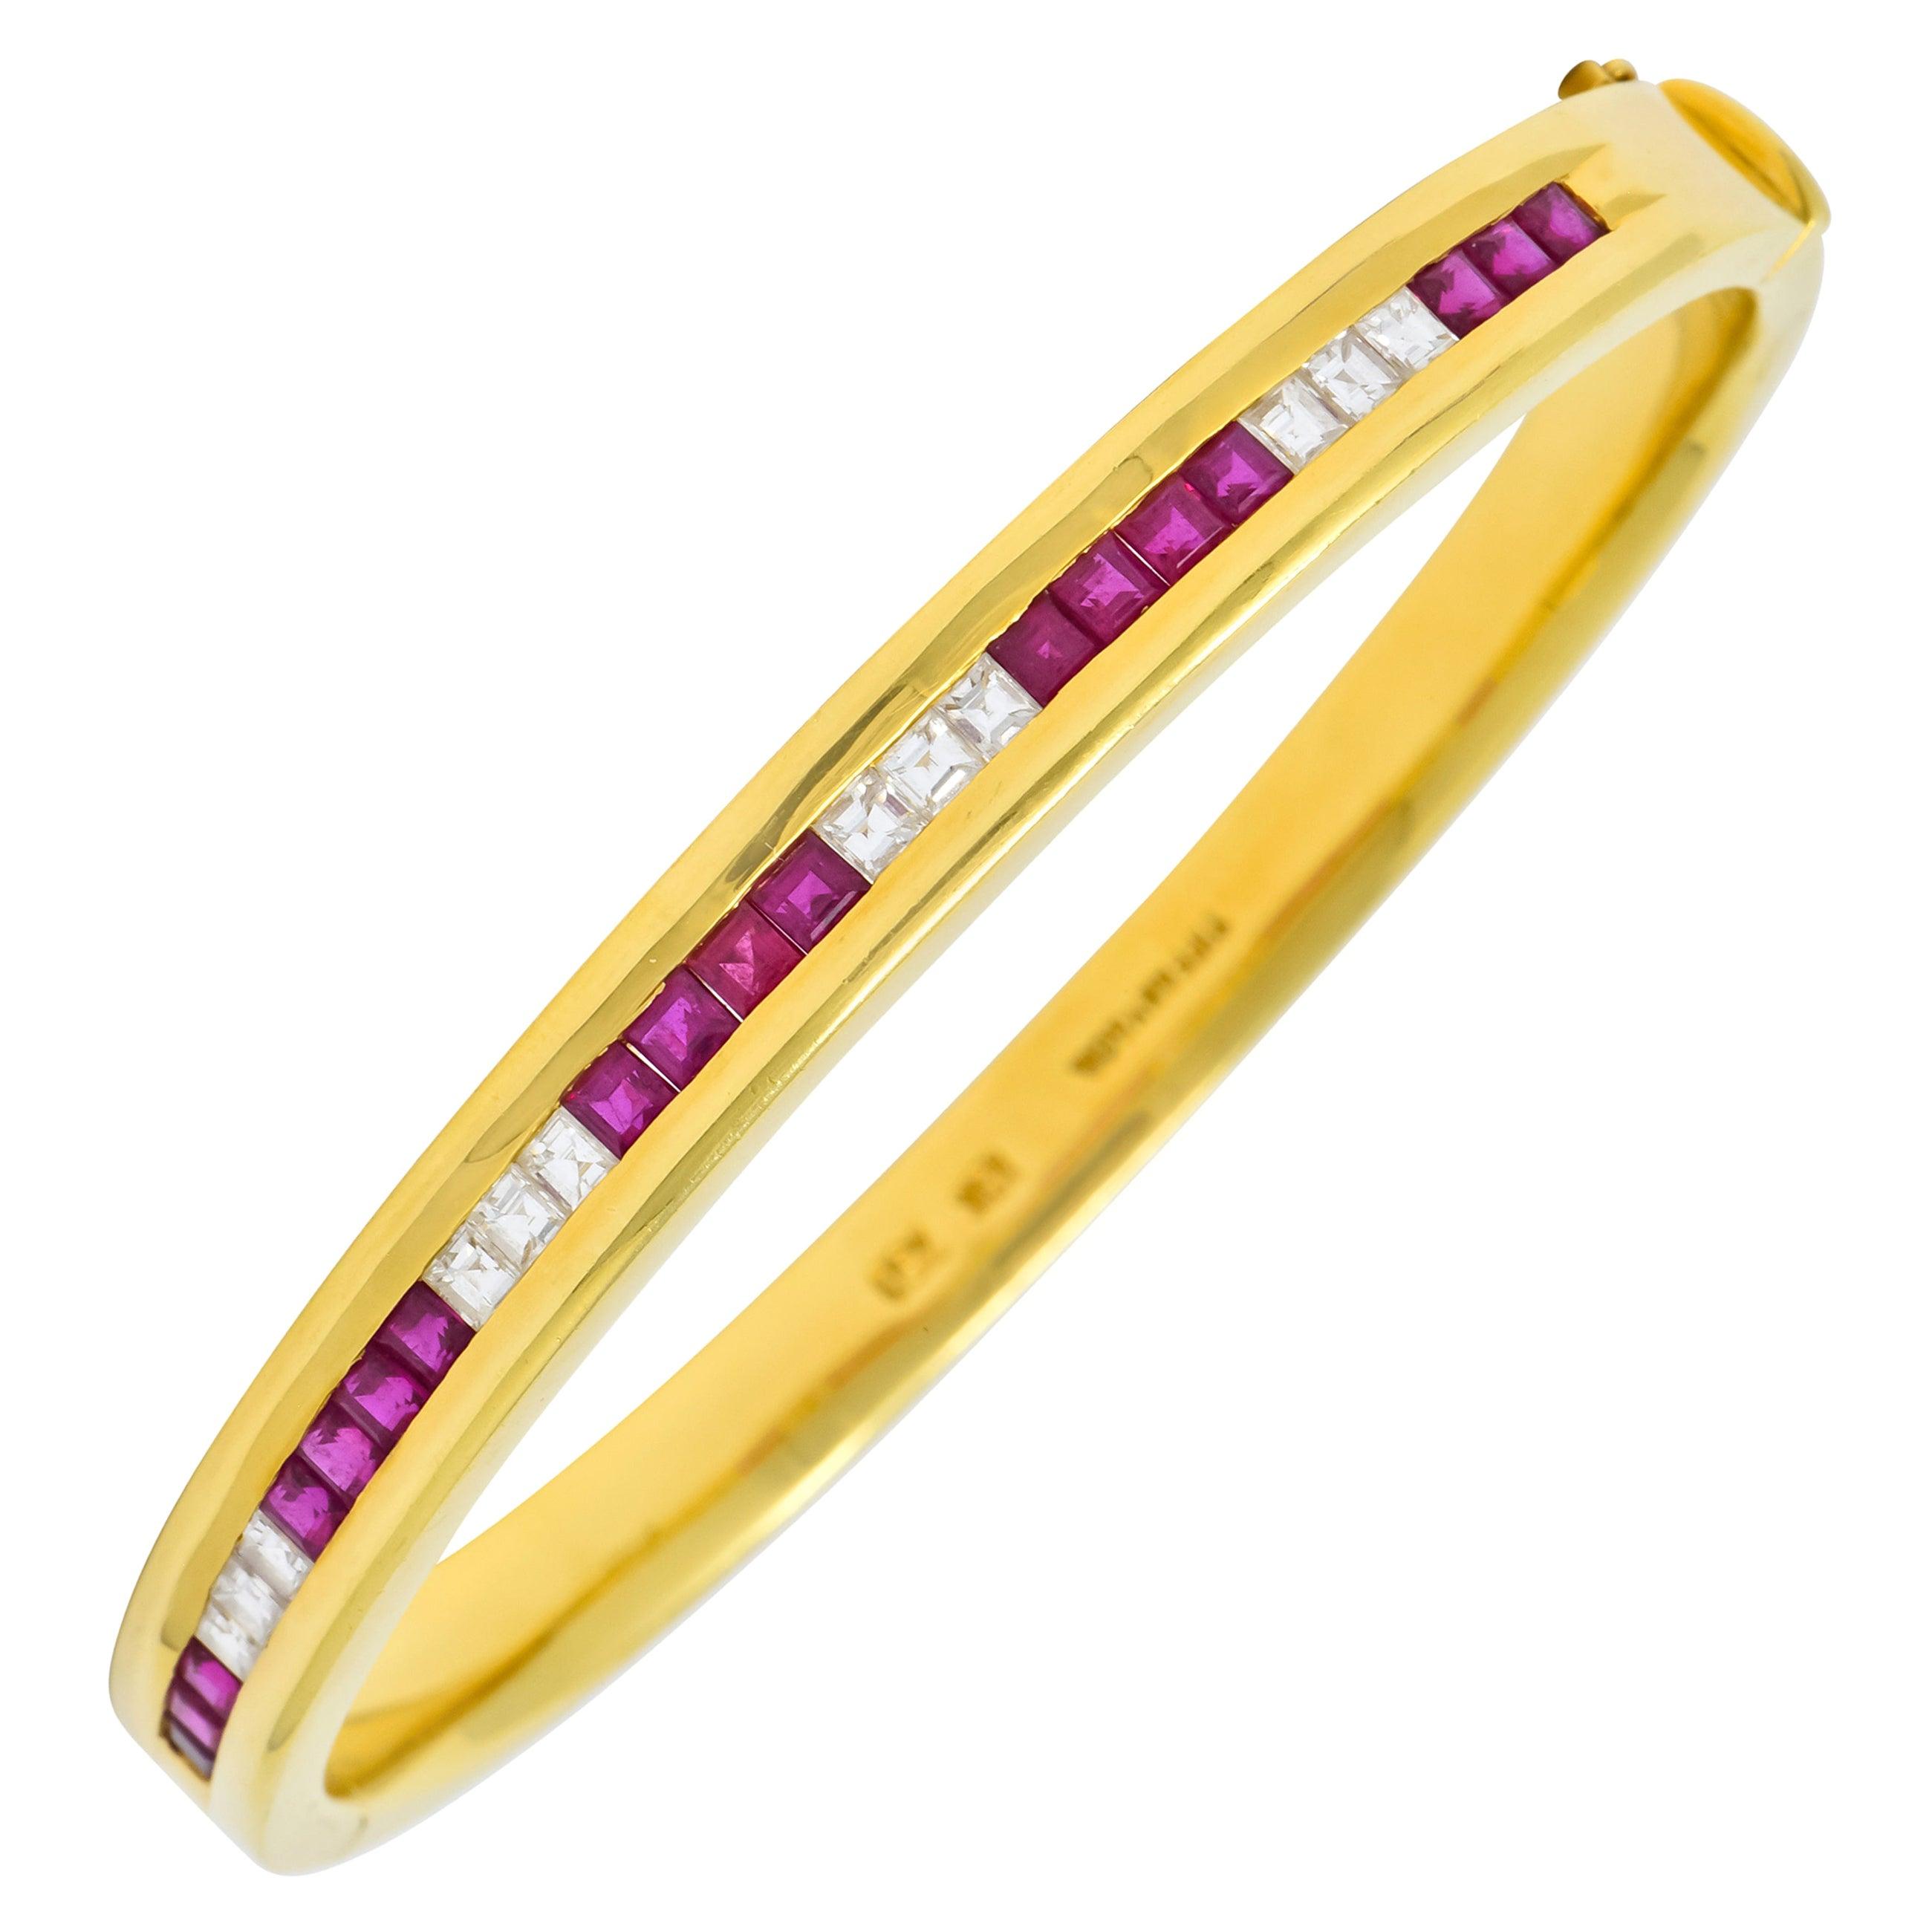 Tiffany & Co. Vintage 3.36 Carat Diamond Ruby 18 Karat Gold Bangle Bracelet